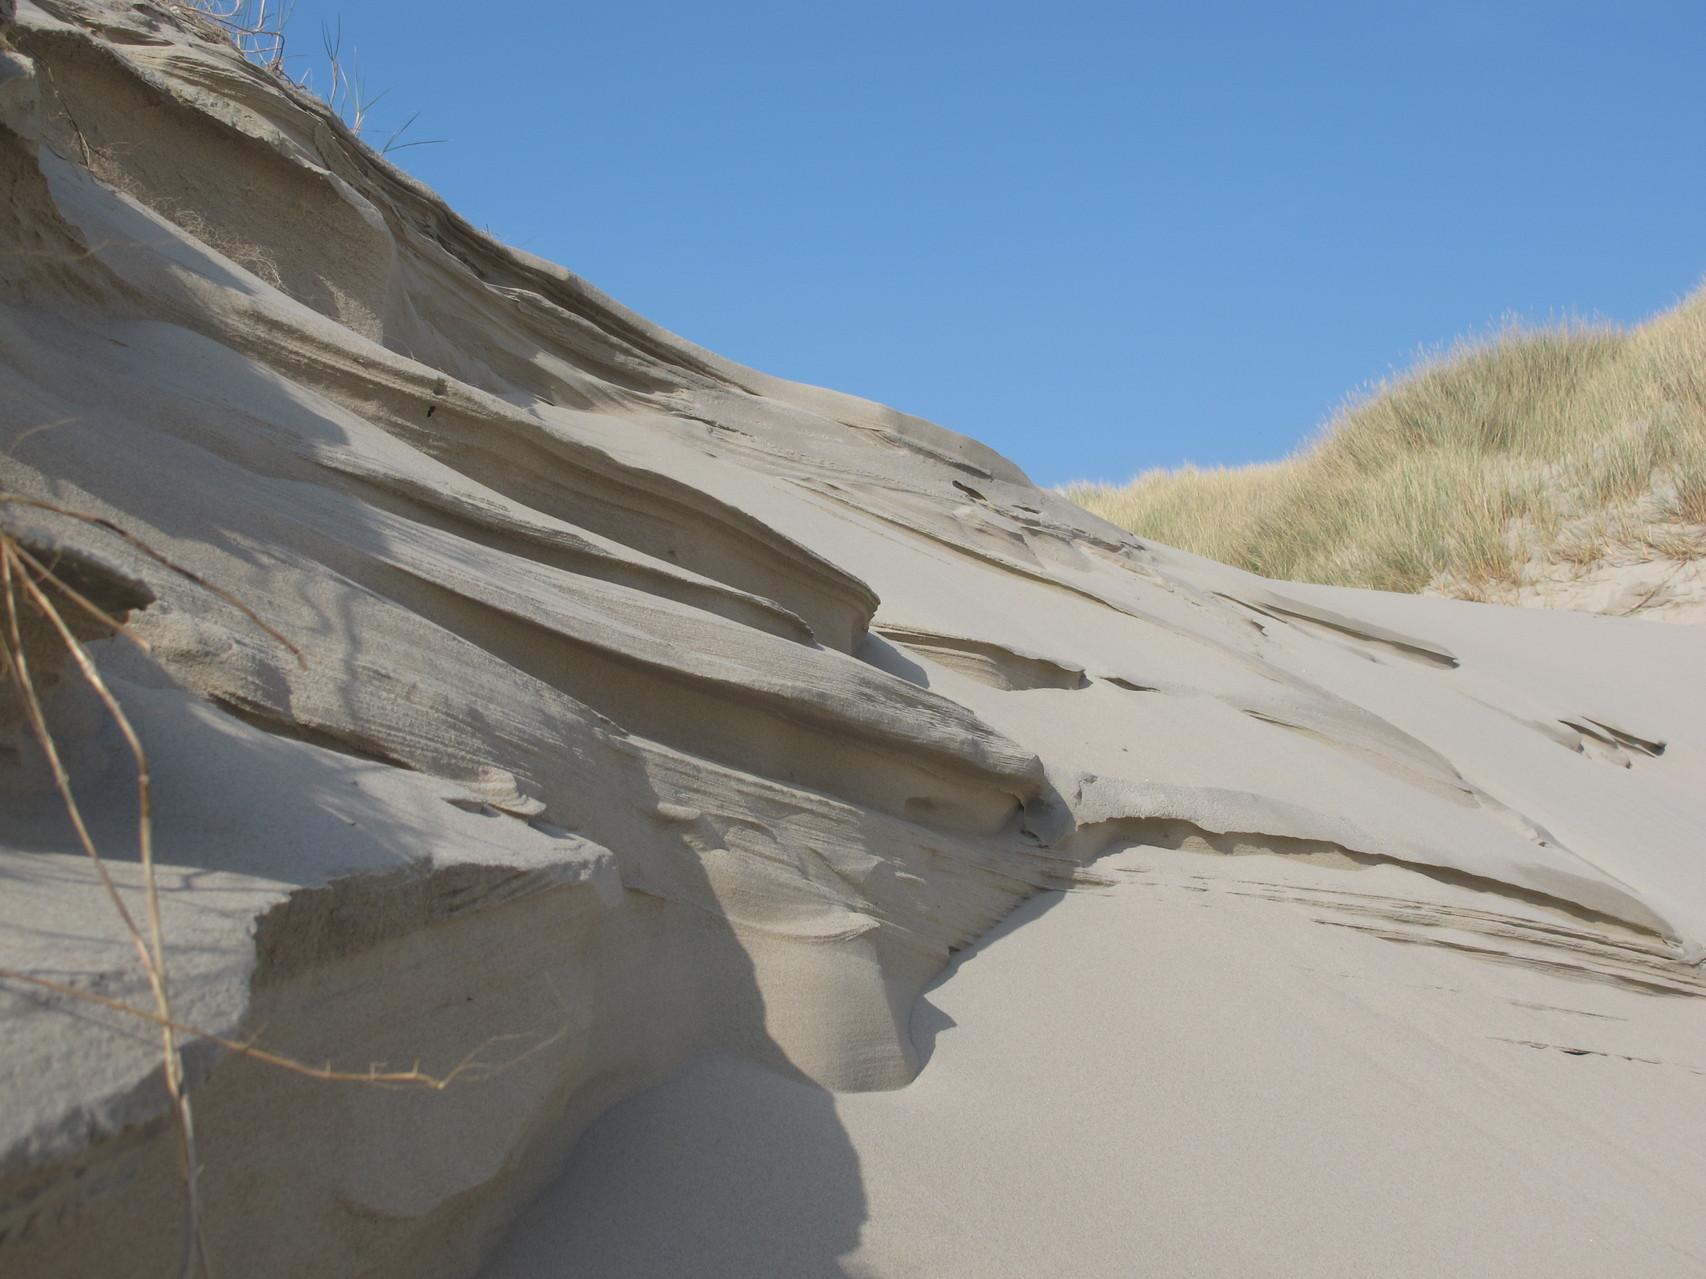 la dune de sable sculptée